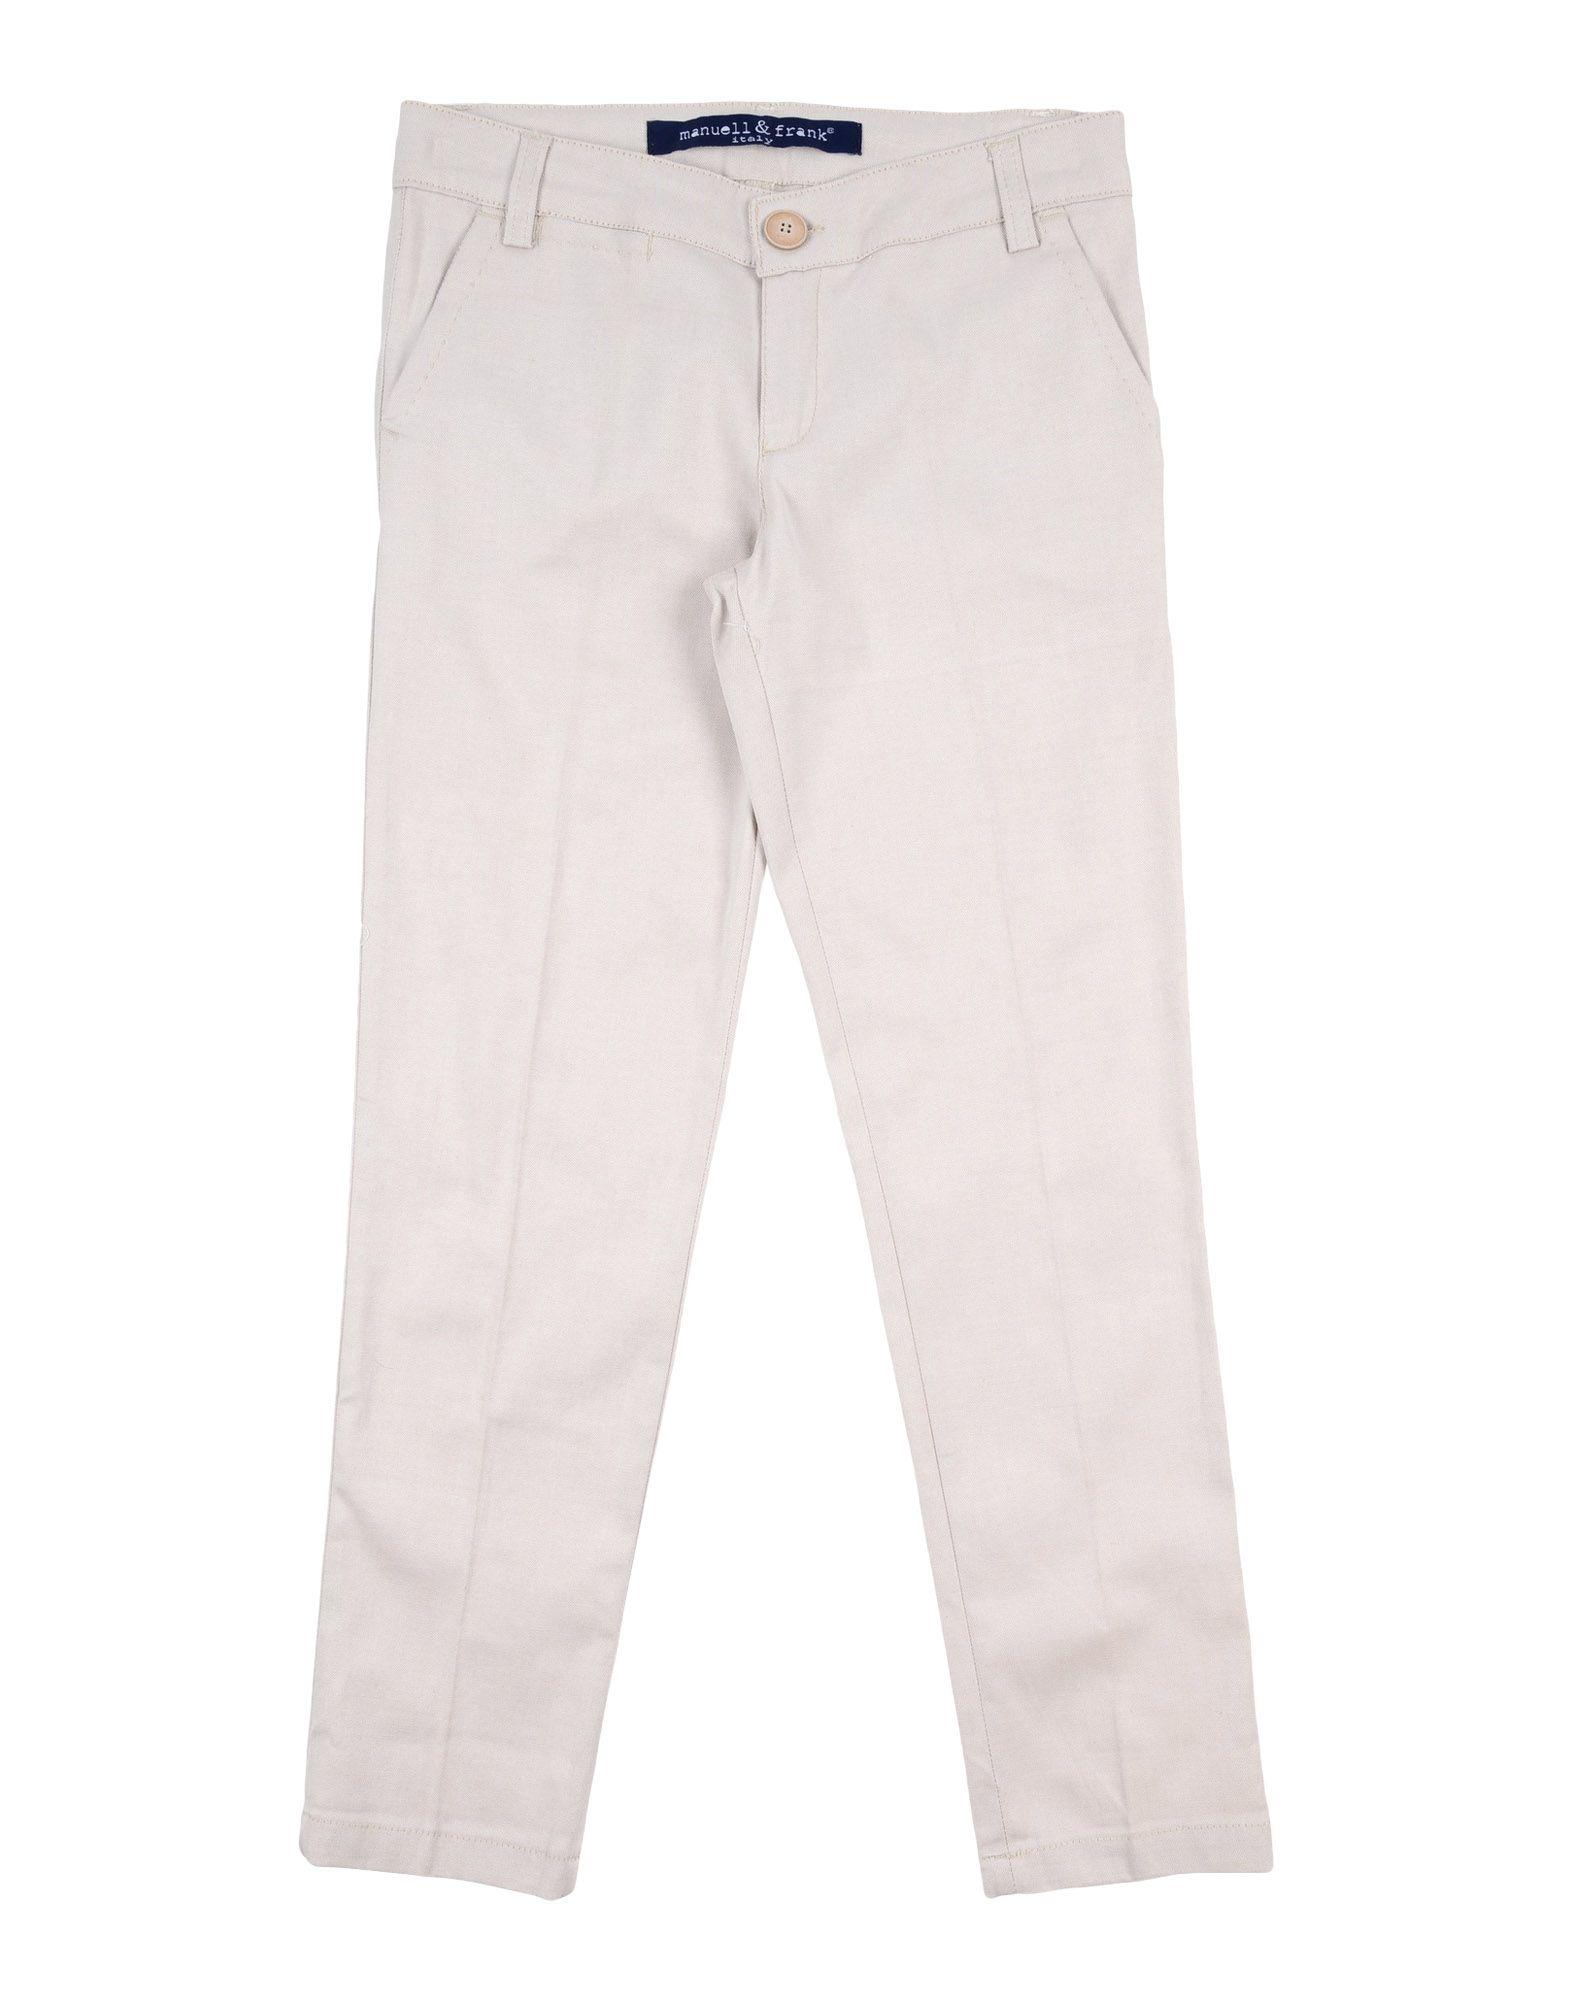 где купить MANUELL & FRANK Повседневные брюки по лучшей цене